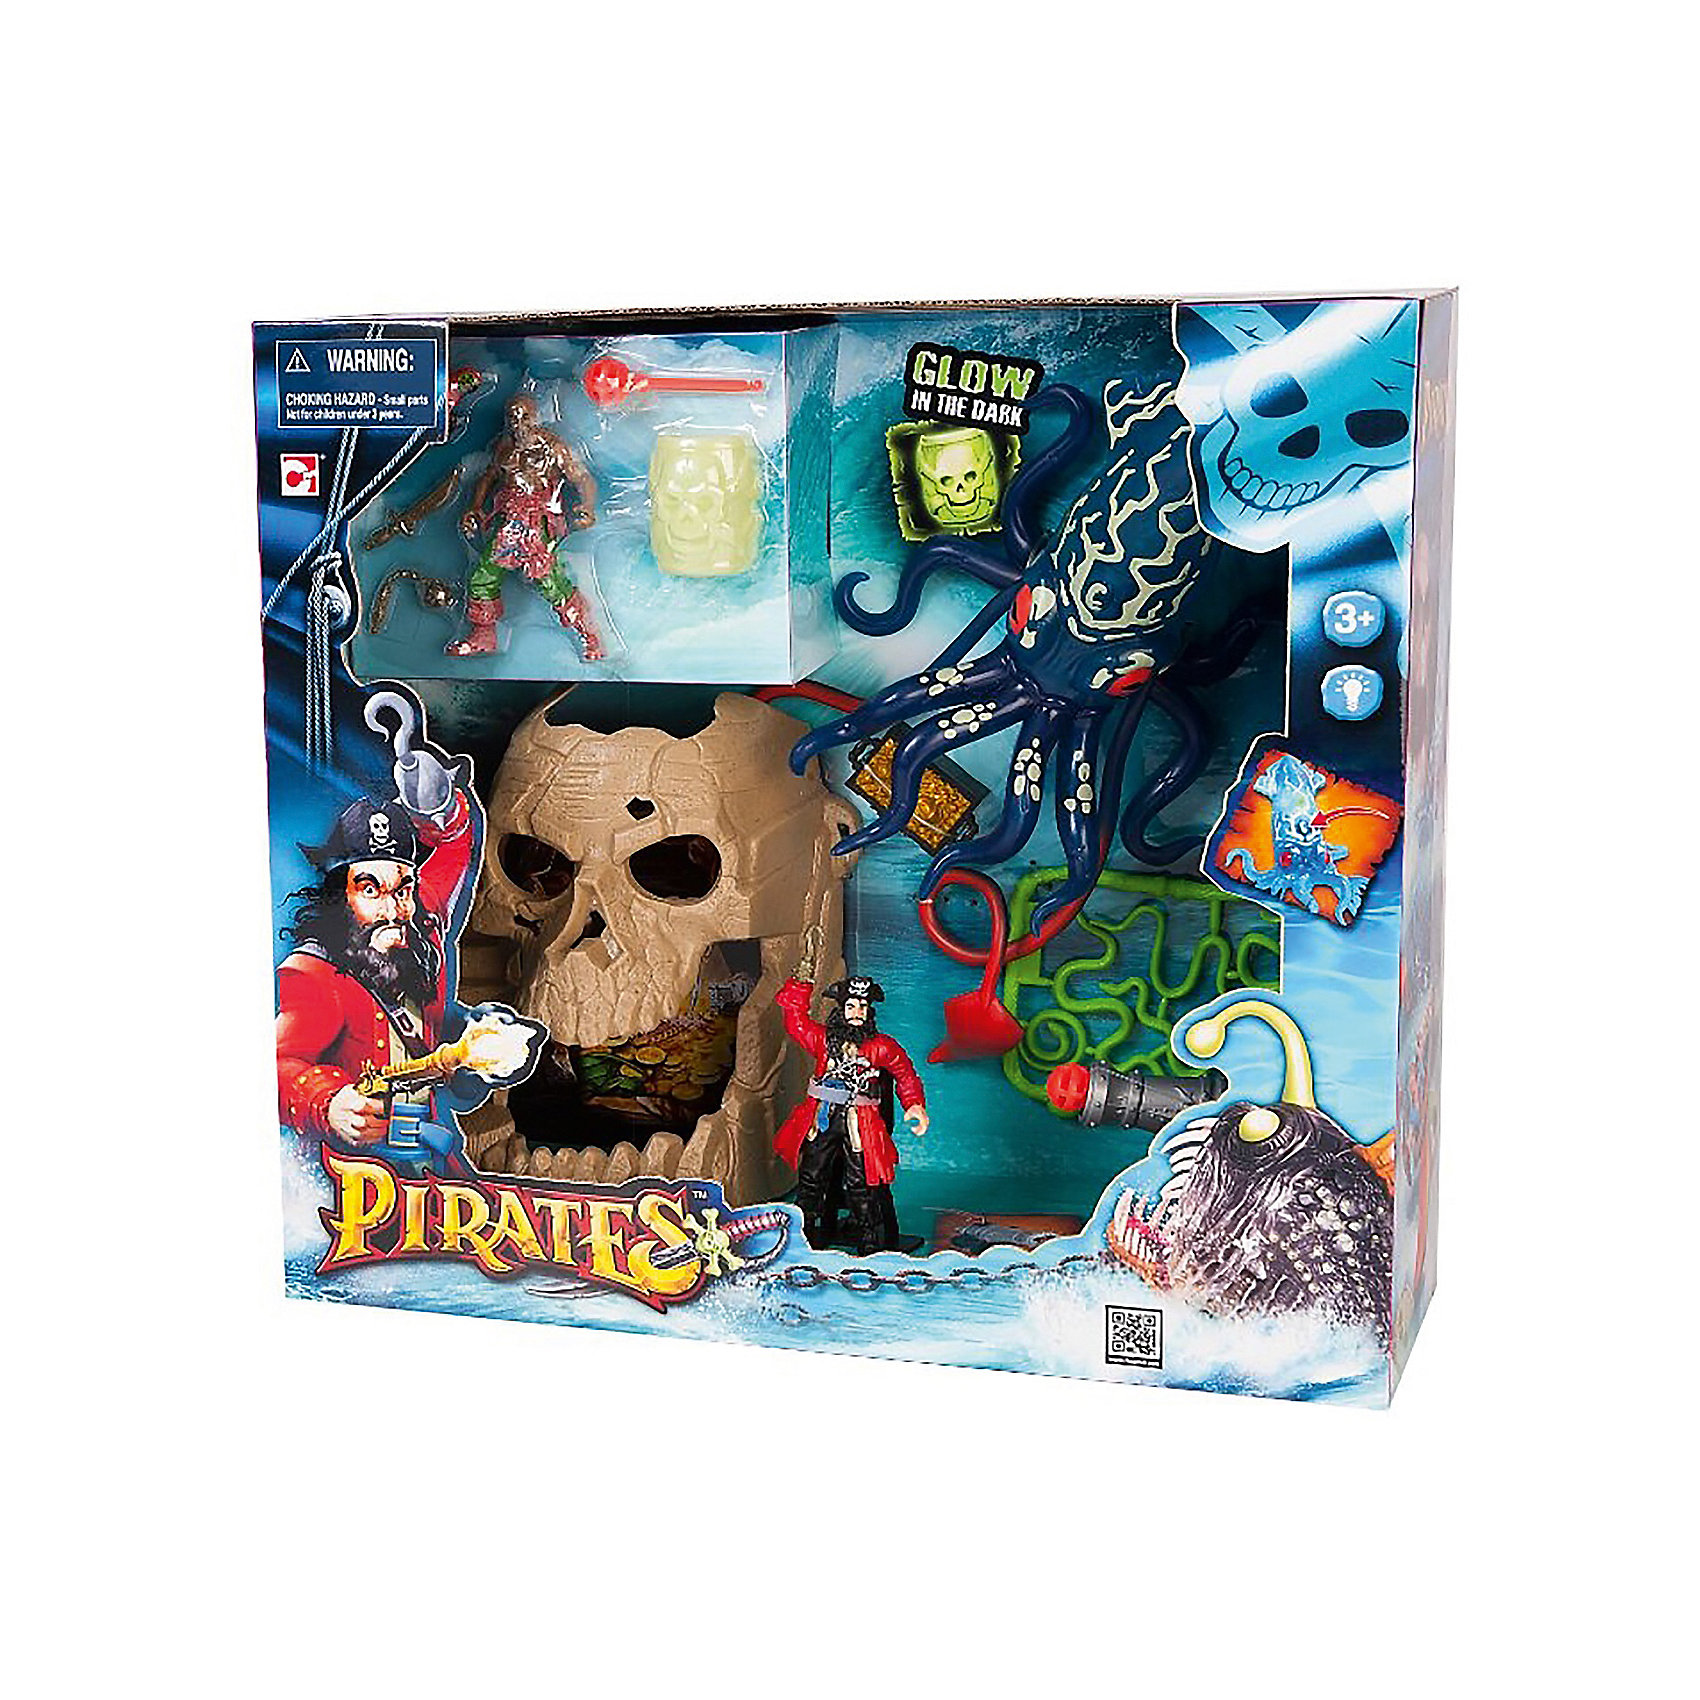 Набор Пираты. Битва с гигантским кальмаромПираты<br>Играть в пиратов любит практически каждый мальчишка. Сделать игру ярче и увлекательнее поможет игровой набор Пираты. Битва с гигантским кальмаром. Игрушки в нем отлично детализированы, в комплект входит пещера в форме черепа (с сокровищами), две фигурки пиратов, гигантский кальмар (может светиться), пушка, стреляющая ядрами, сундук с золотом, бочка, светящаяся в темноте, и оружие.                          <br>Этот набор обязательно порадует ребенка! Игры с ним помогают детям развивать воображение, логику, мелкую моторику и творческое мышление. Набор сделан из качественных и безопасных для ребенка материалов.<br><br>Дополнительная информация:<br><br>цвет: разноцветный;<br>размер: 42 х 13 х 38 см;<br>вес: 700 г;<br>батарейки: 3хAG13 (входят в набор);  <br>материал: пластик;<br>комплектация: пещера, две фигурки пиратов, гигантский кальмар, пушка, сундук, бочка и оружие.<br><br>Набор Пираты. Битва с гигантским кальмаром можно купить в нашем магазине.<br><br>Ширина мм: 50<br>Глубина мм: 20<br>Высота мм: 50<br>Вес г: 700<br>Возраст от месяцев: 36<br>Возраст до месяцев: 120<br>Пол: Мужской<br>Возраст: Детский<br>SKU: 4918678